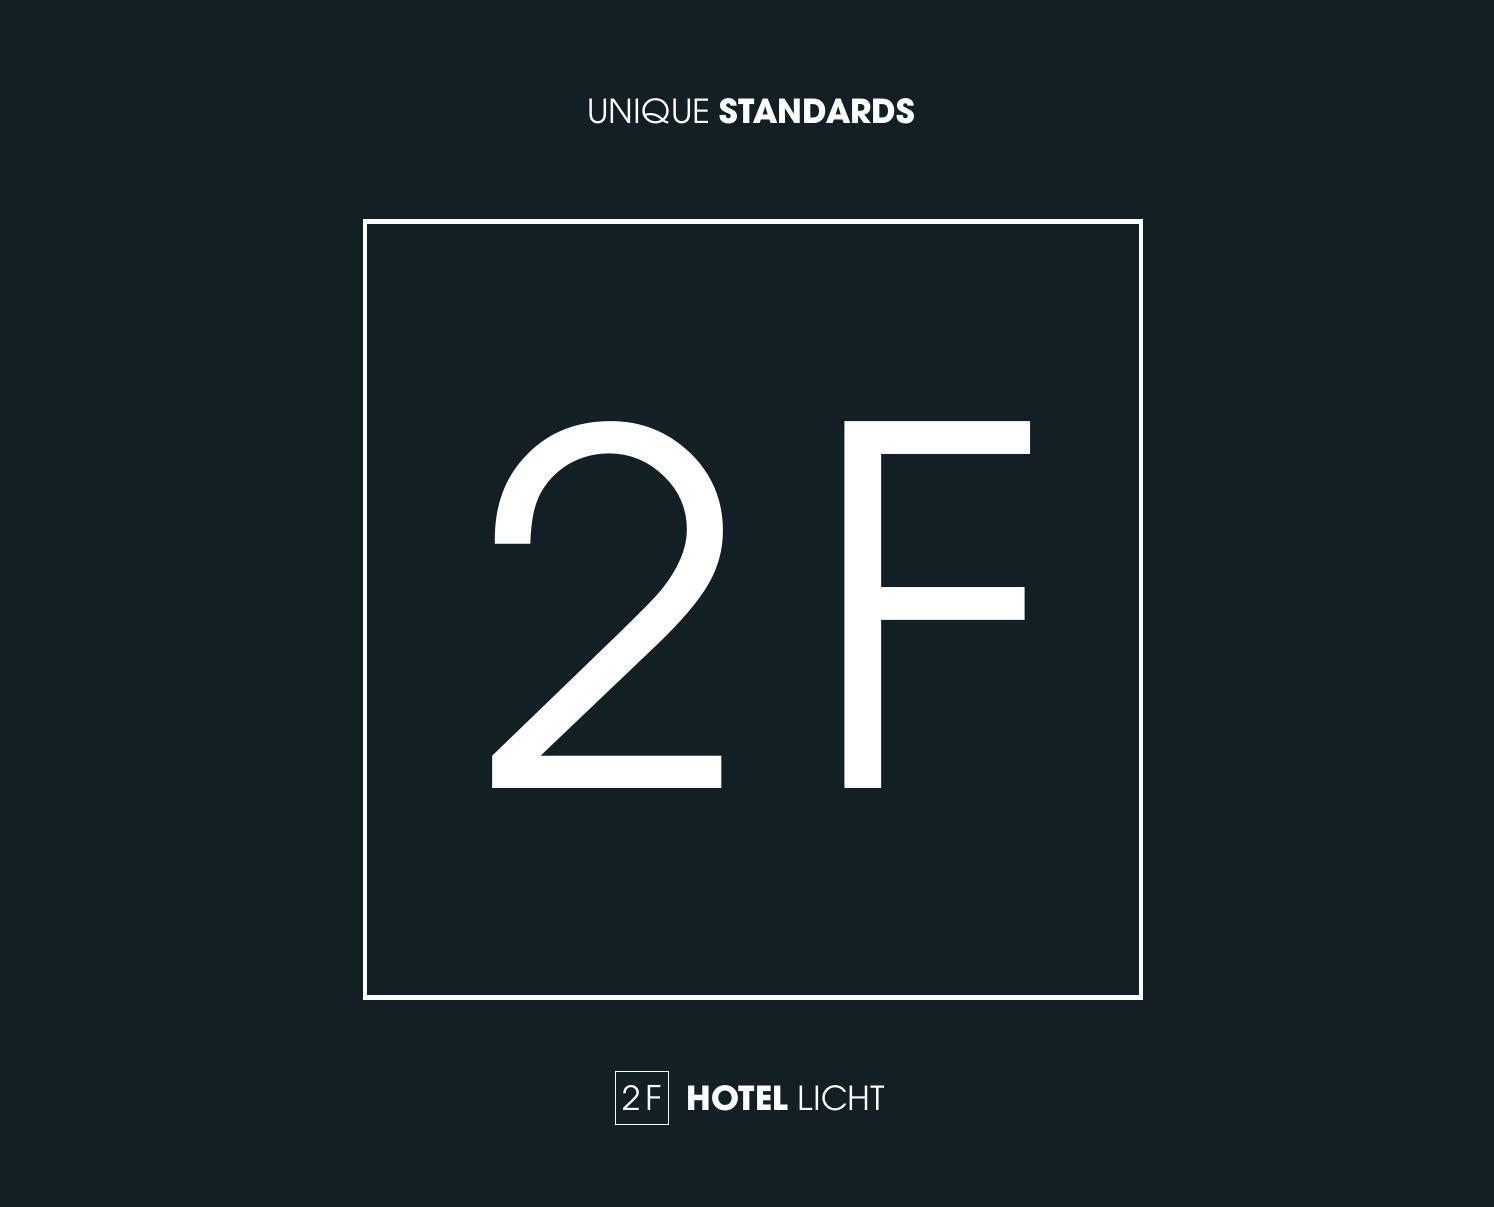 Hochwertig 2F Unique Standard By 2F Hotellicht   Issuu